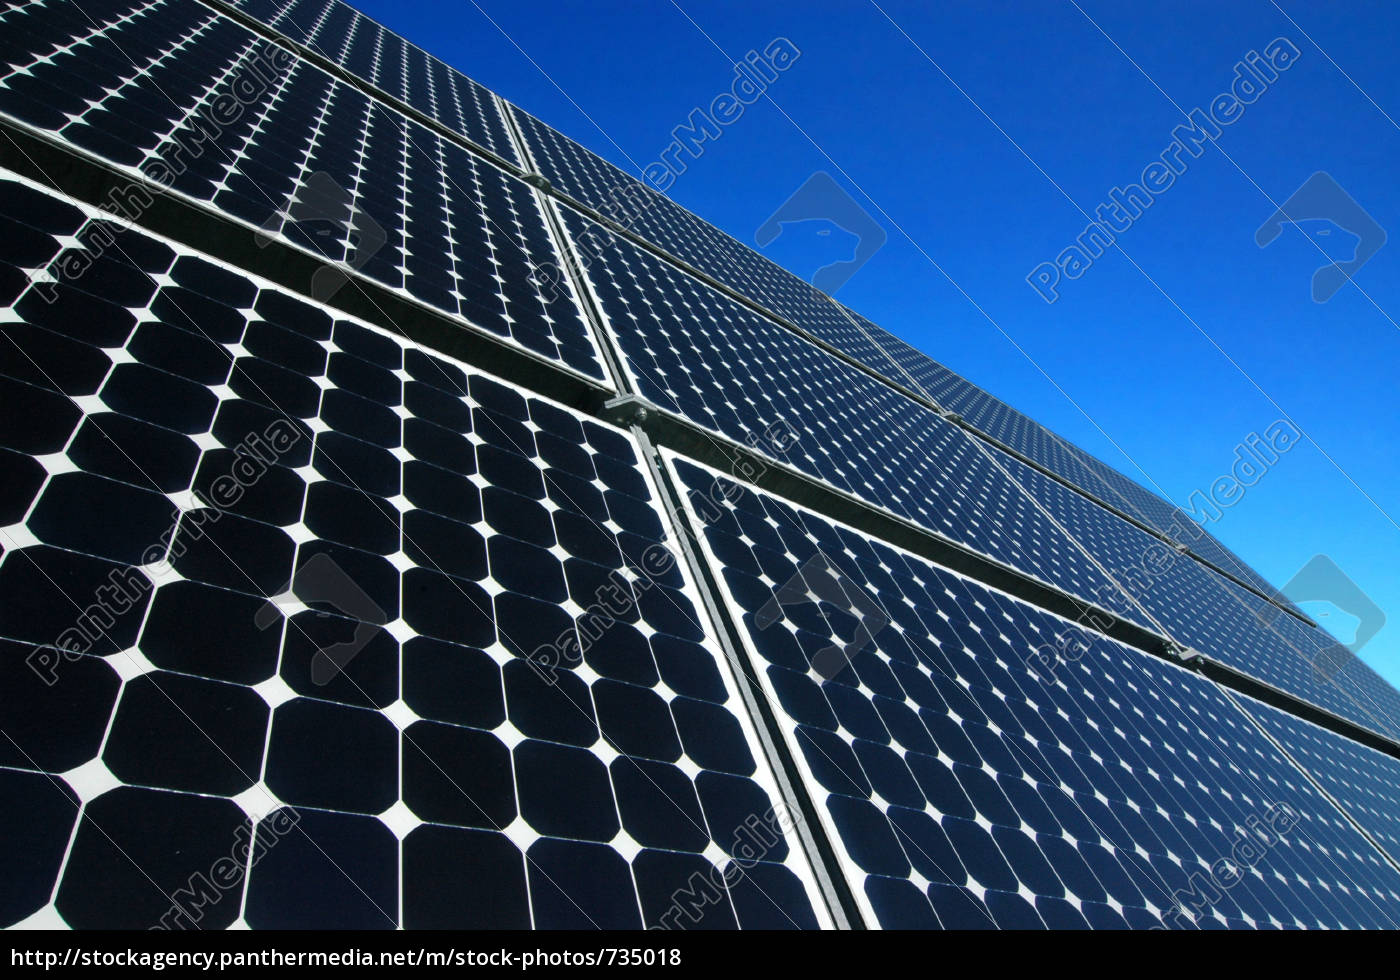 solarzellen, 2 - 735018